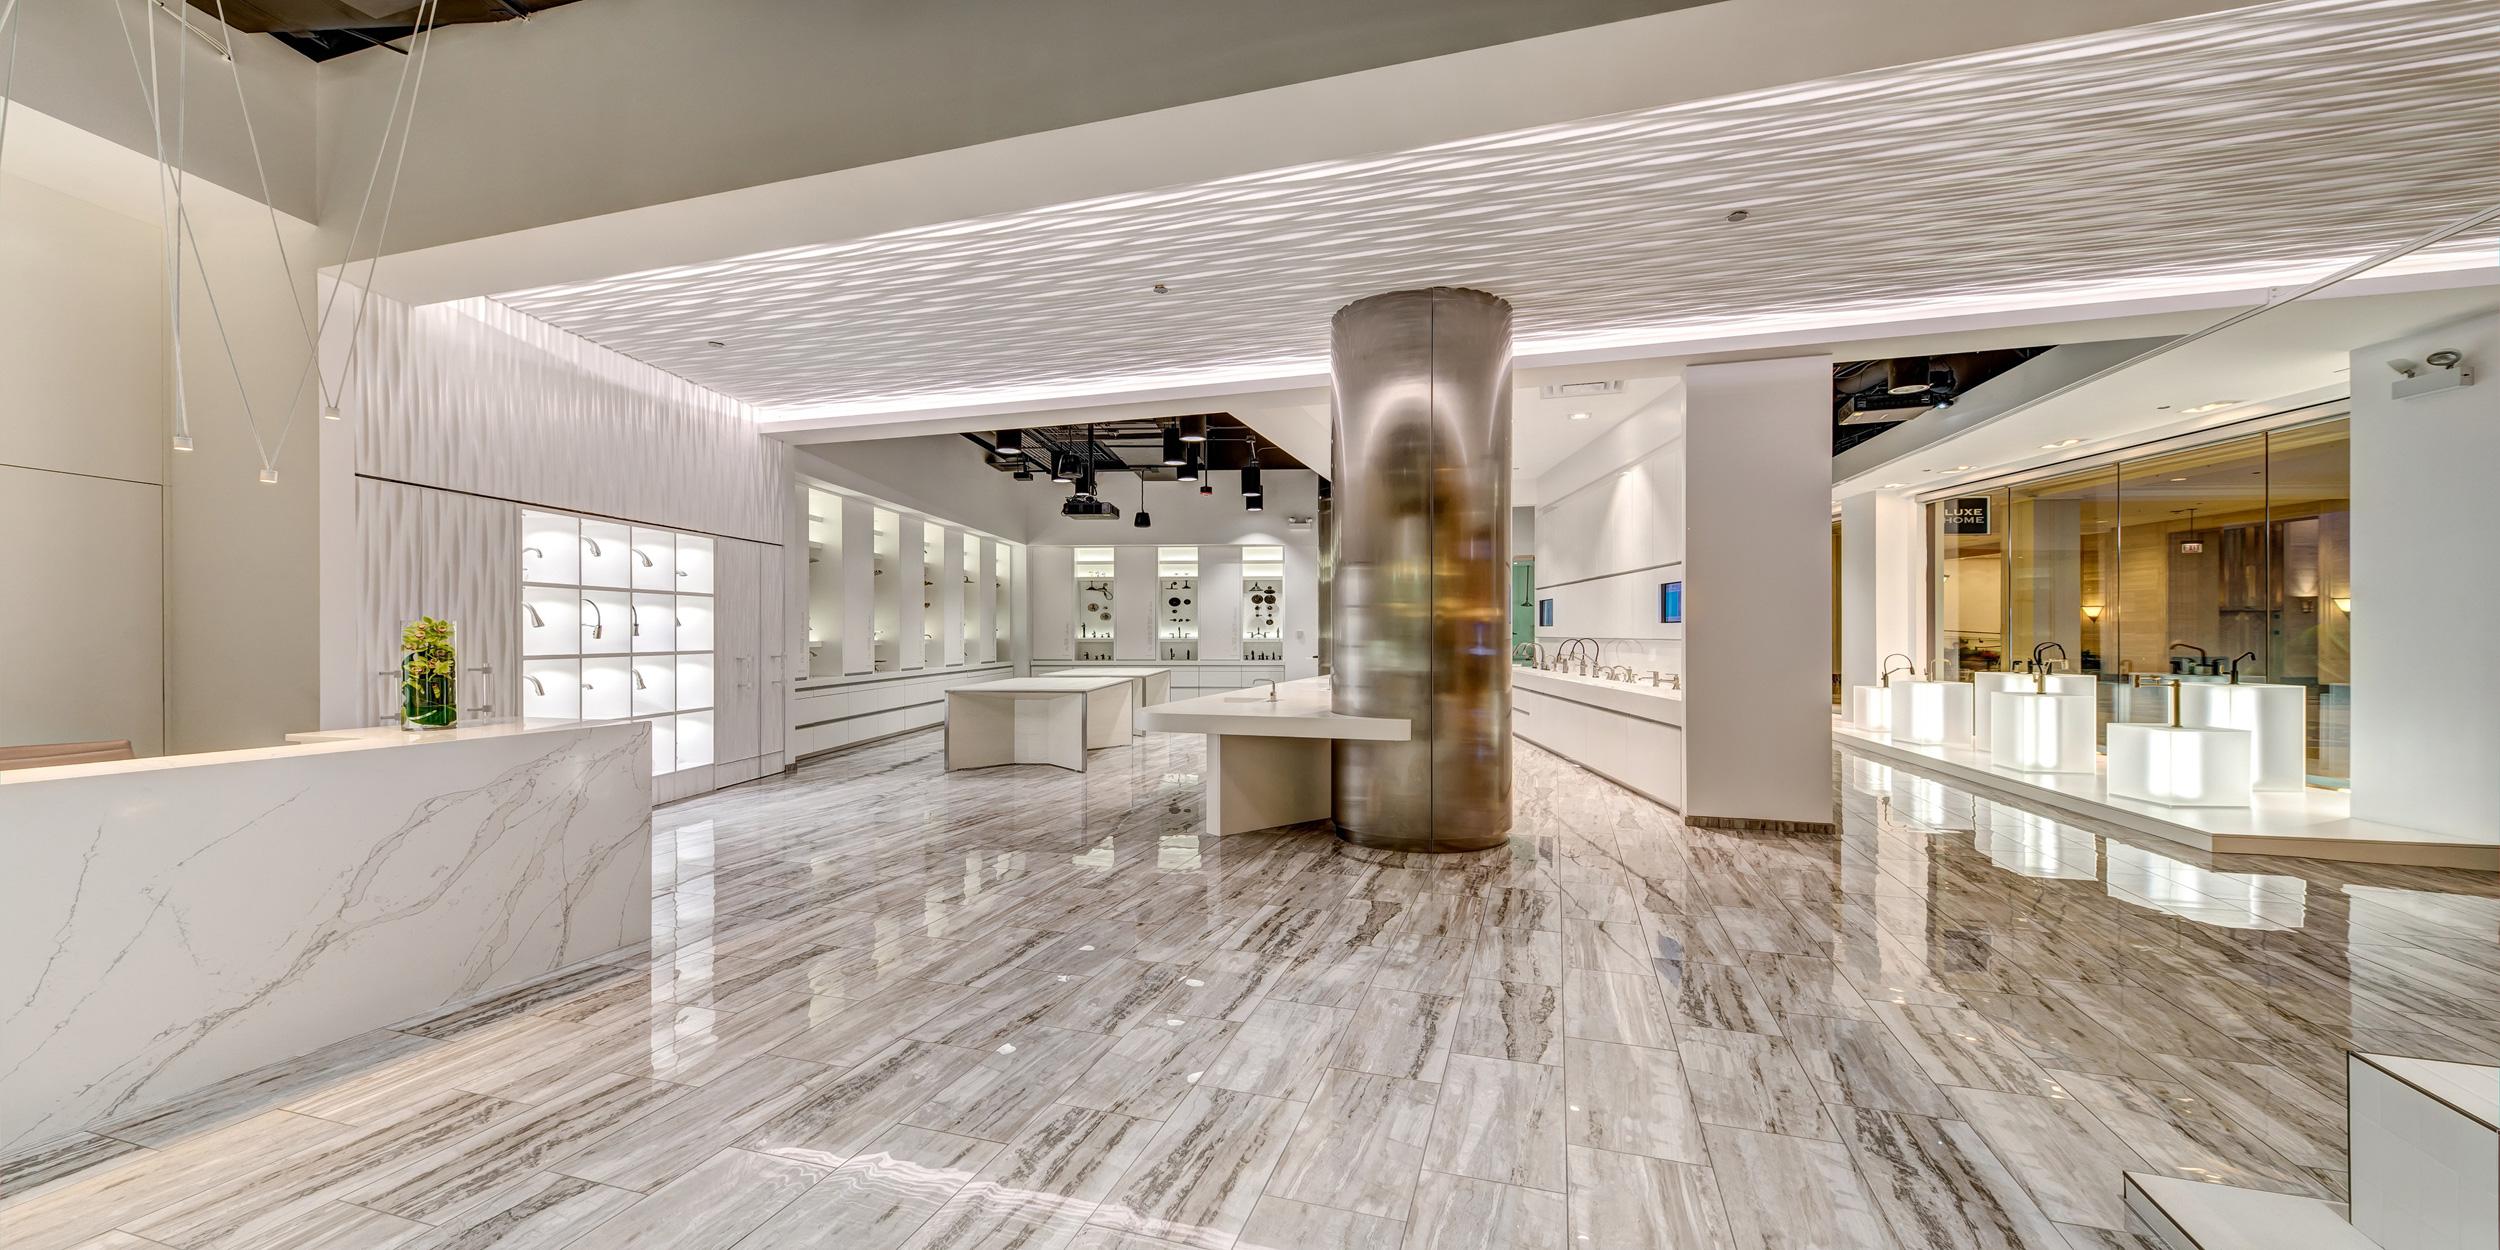 Luxury Interior Design Architecture Firm In Chicago Soucie Horner Ltd